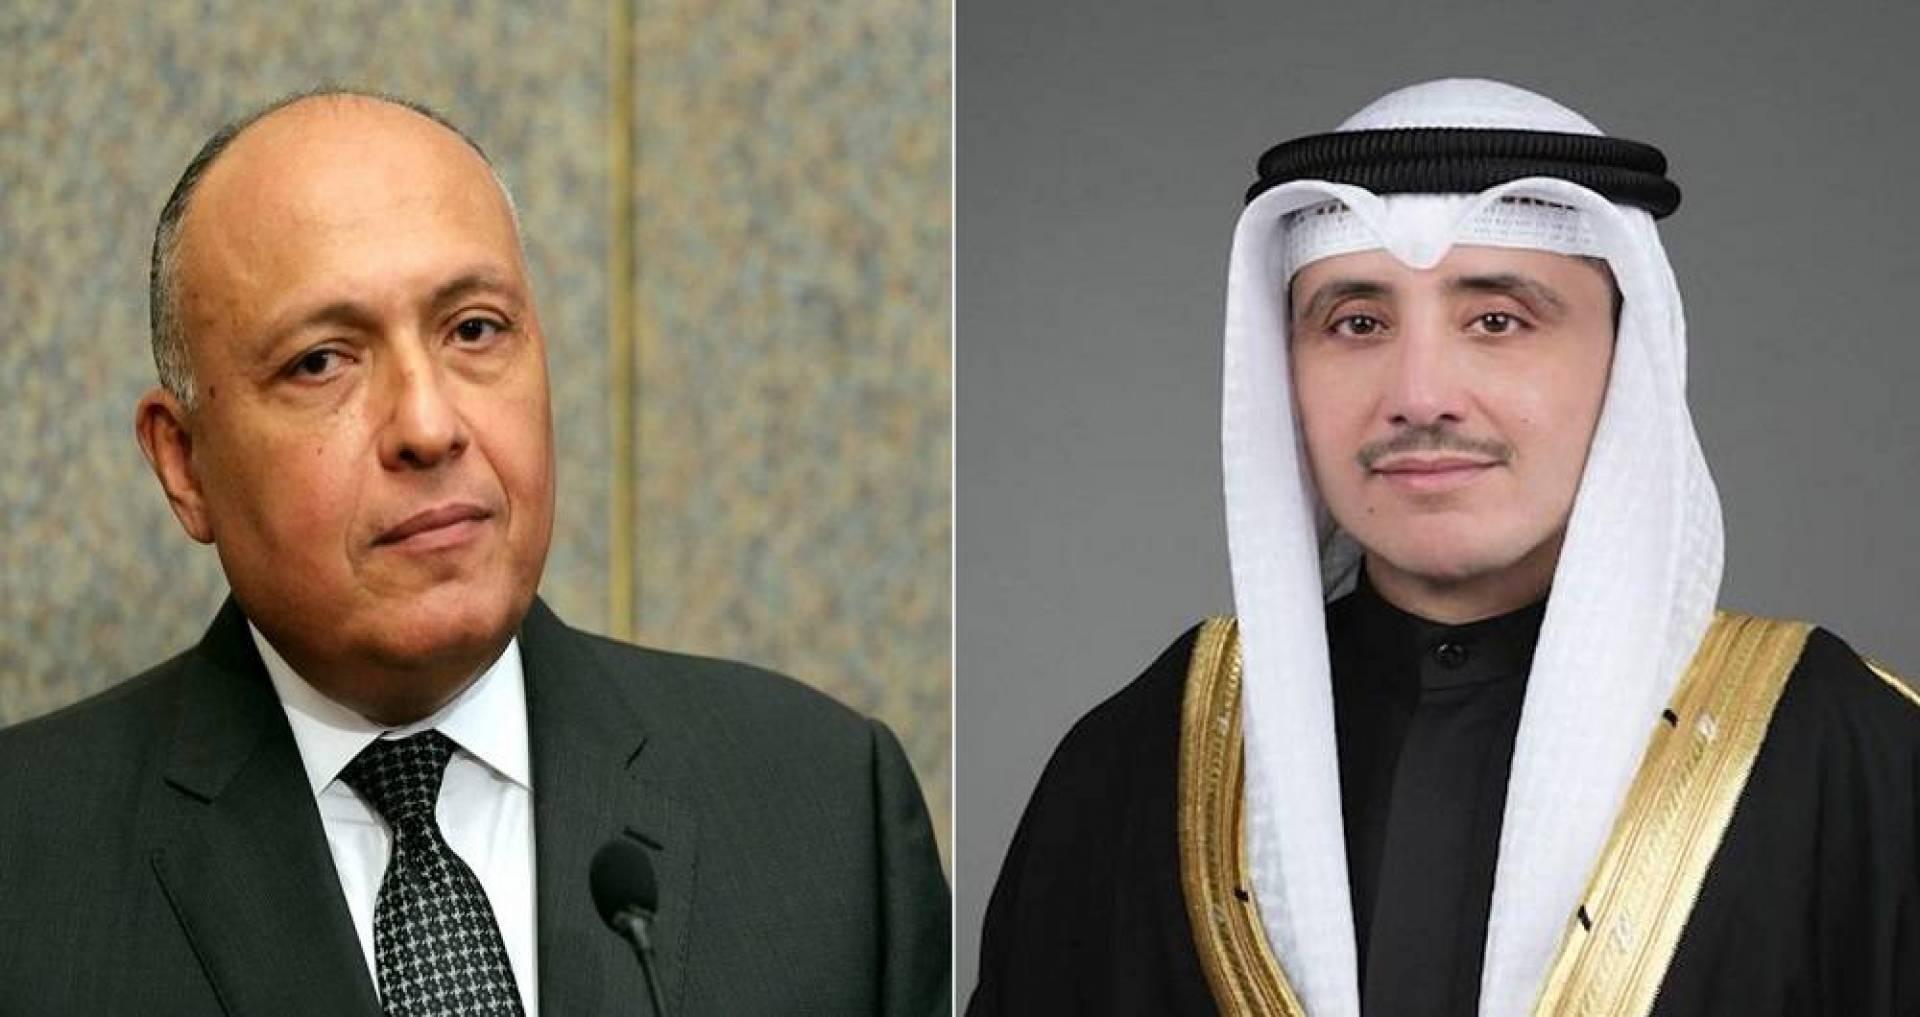 وكالة الأنباء المصرية: الكويت أكدت أن قرار وقف رحلات الطيران من مصر سيكون محل مراجعة